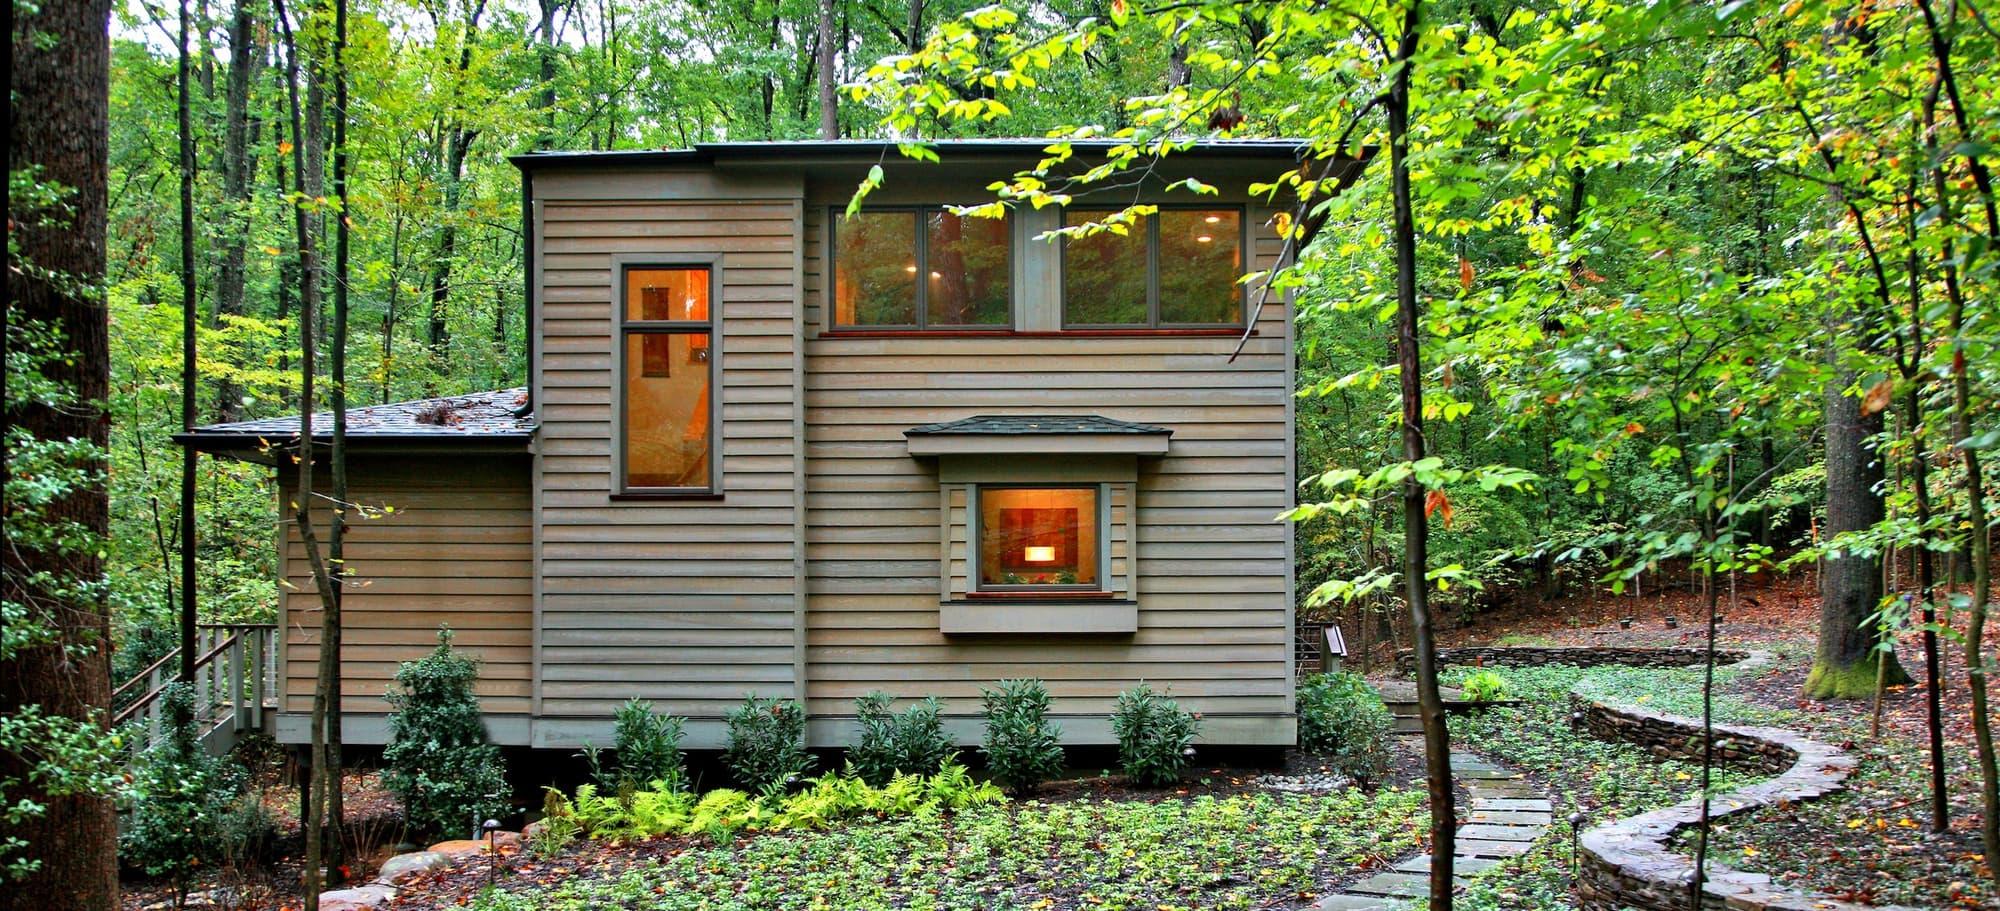 CHECA Architects PC, Exterior, New Construction, Great Falls, VA